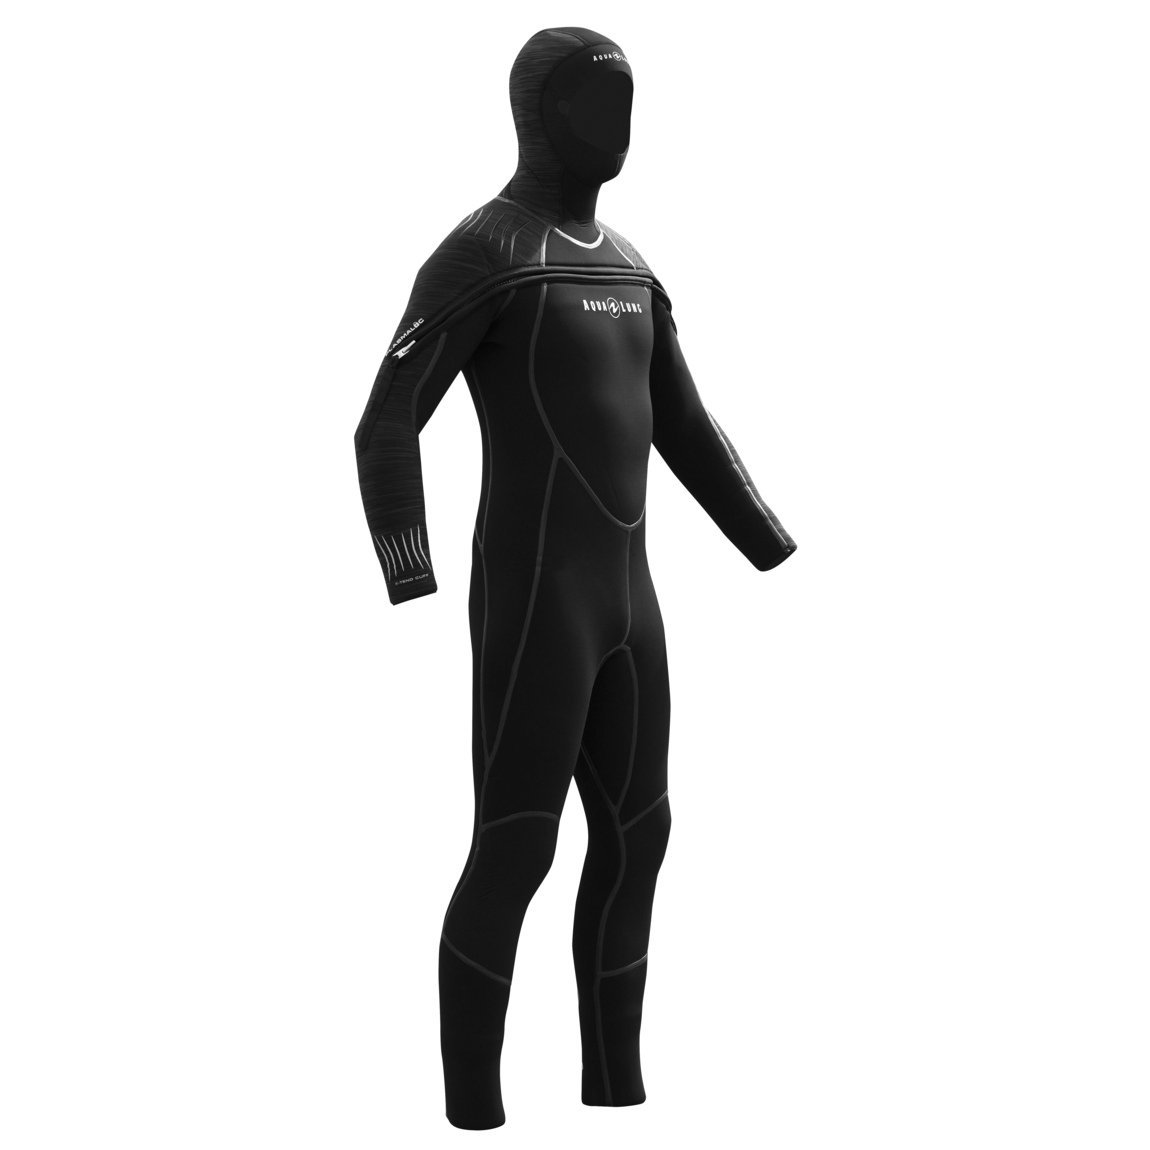 Wetsuit 8mm Men's SOLAFX Black/Charcoal